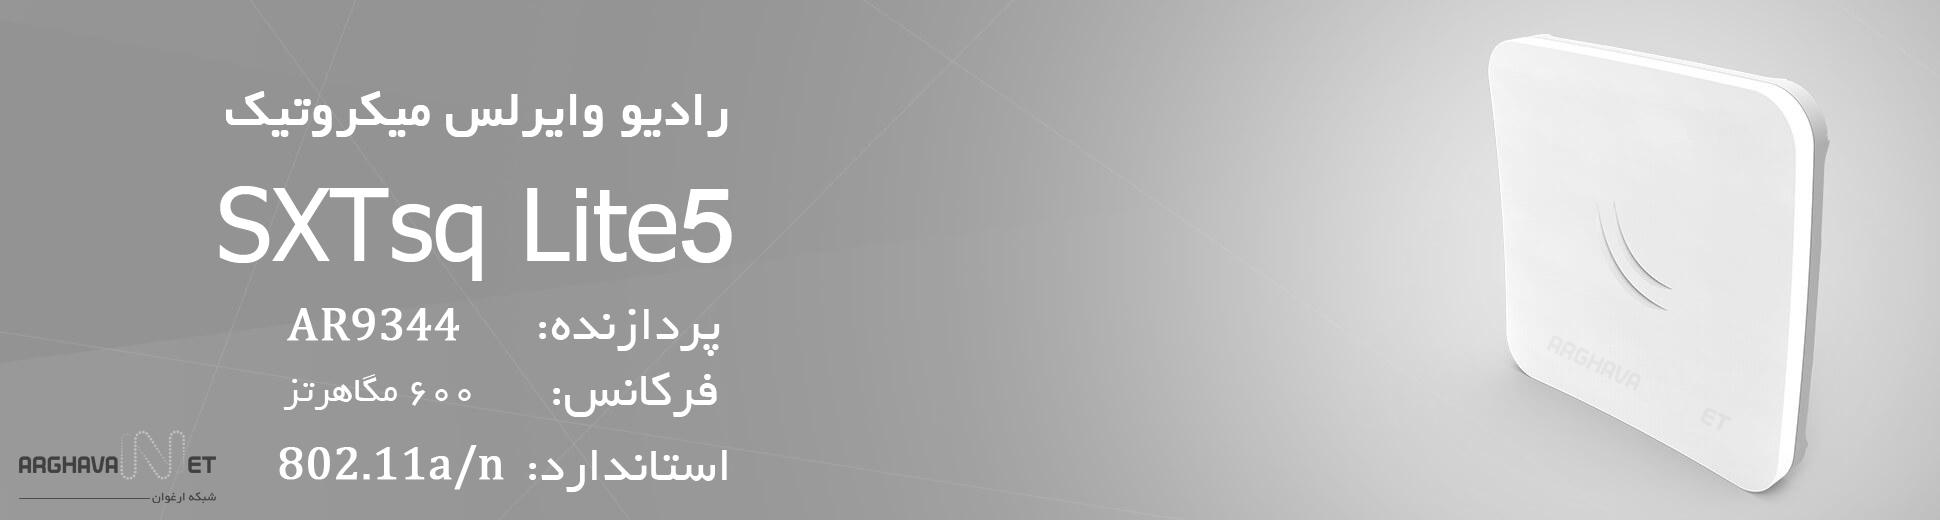 مشخصات رادیو وایرلس SXTsq Lite5 میکروتیک